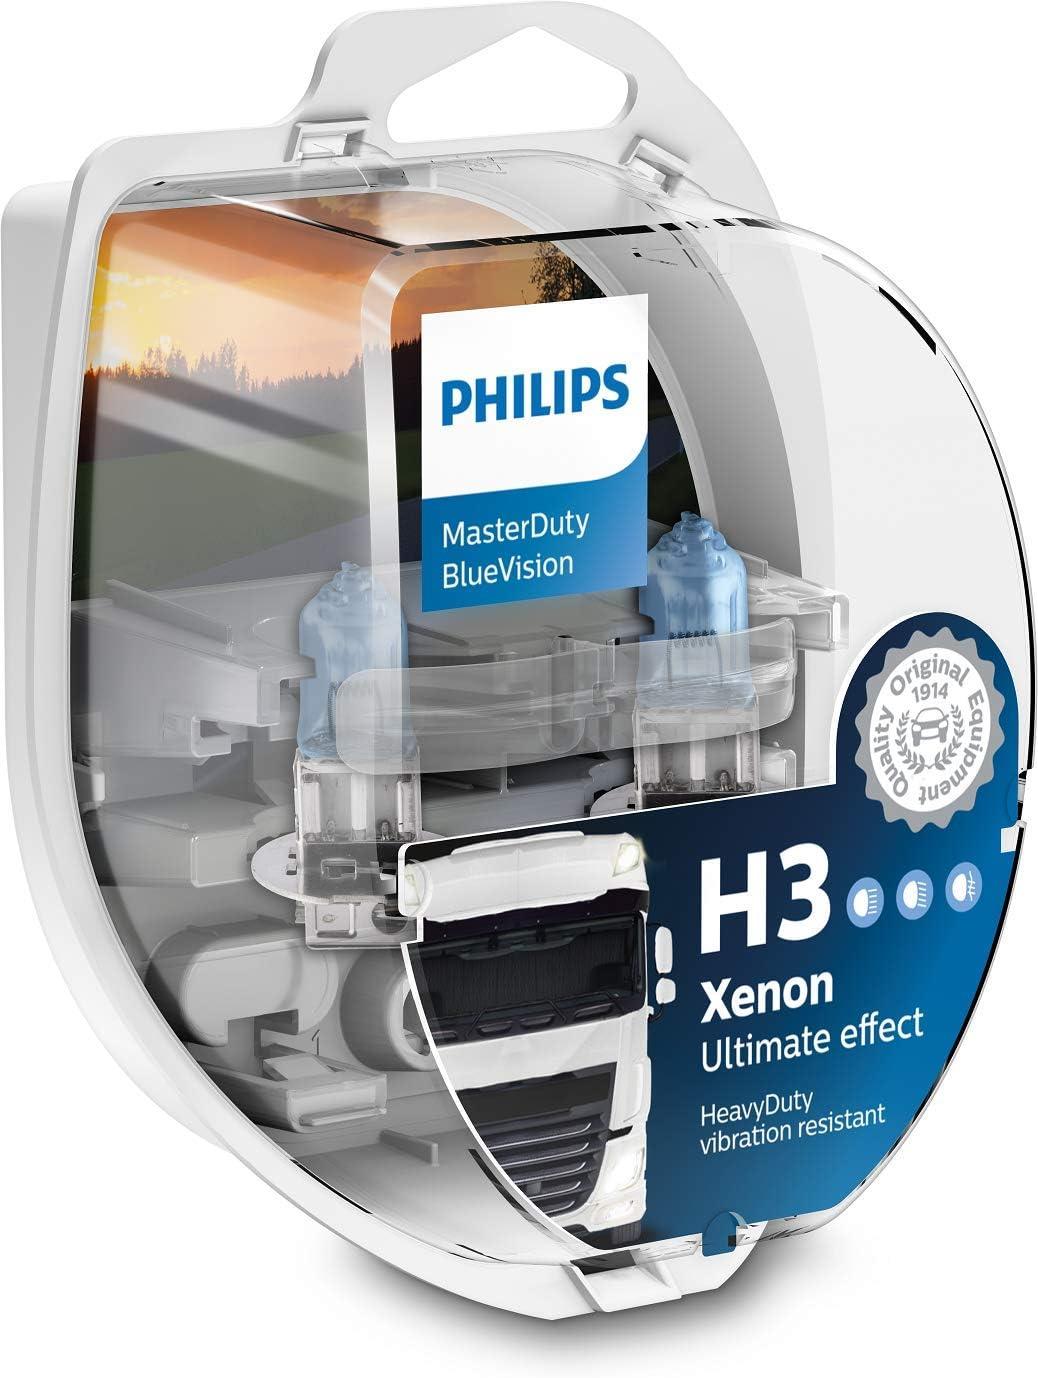 Philips Masterduty Bluevision 24v H3 Scheinwerferlampe Bürobedarf Schreibwaren